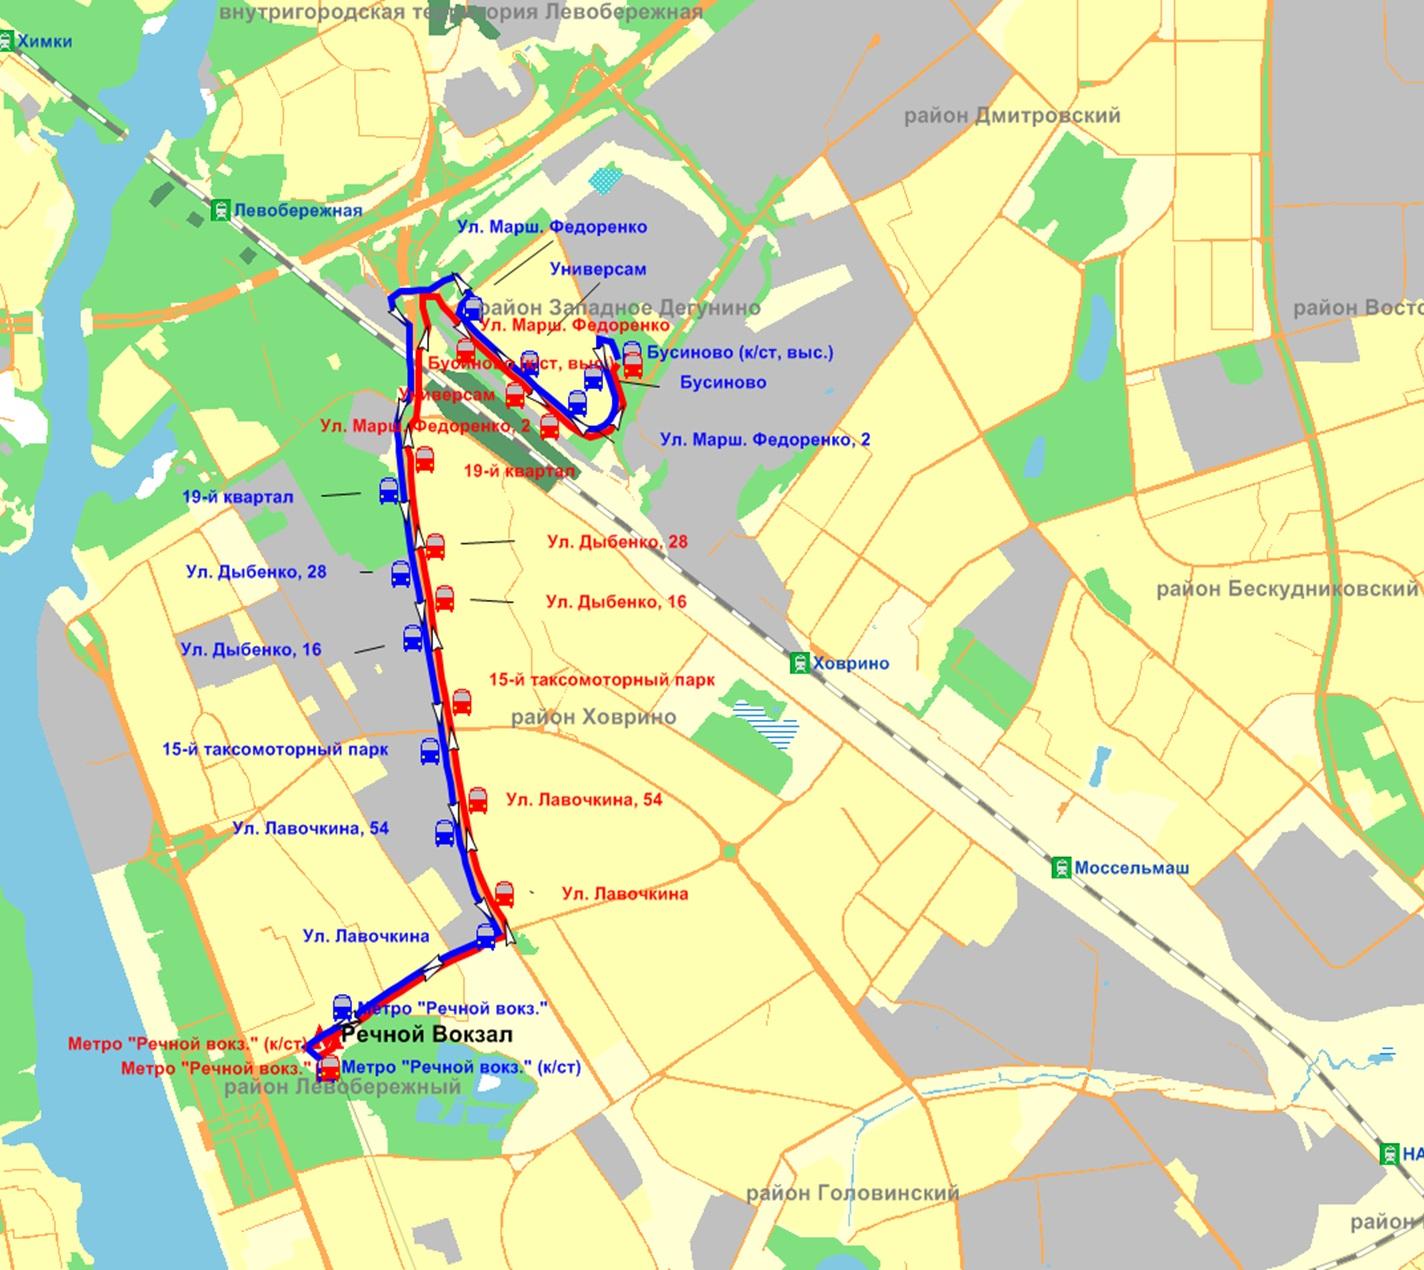 метро в химках схема линий метро